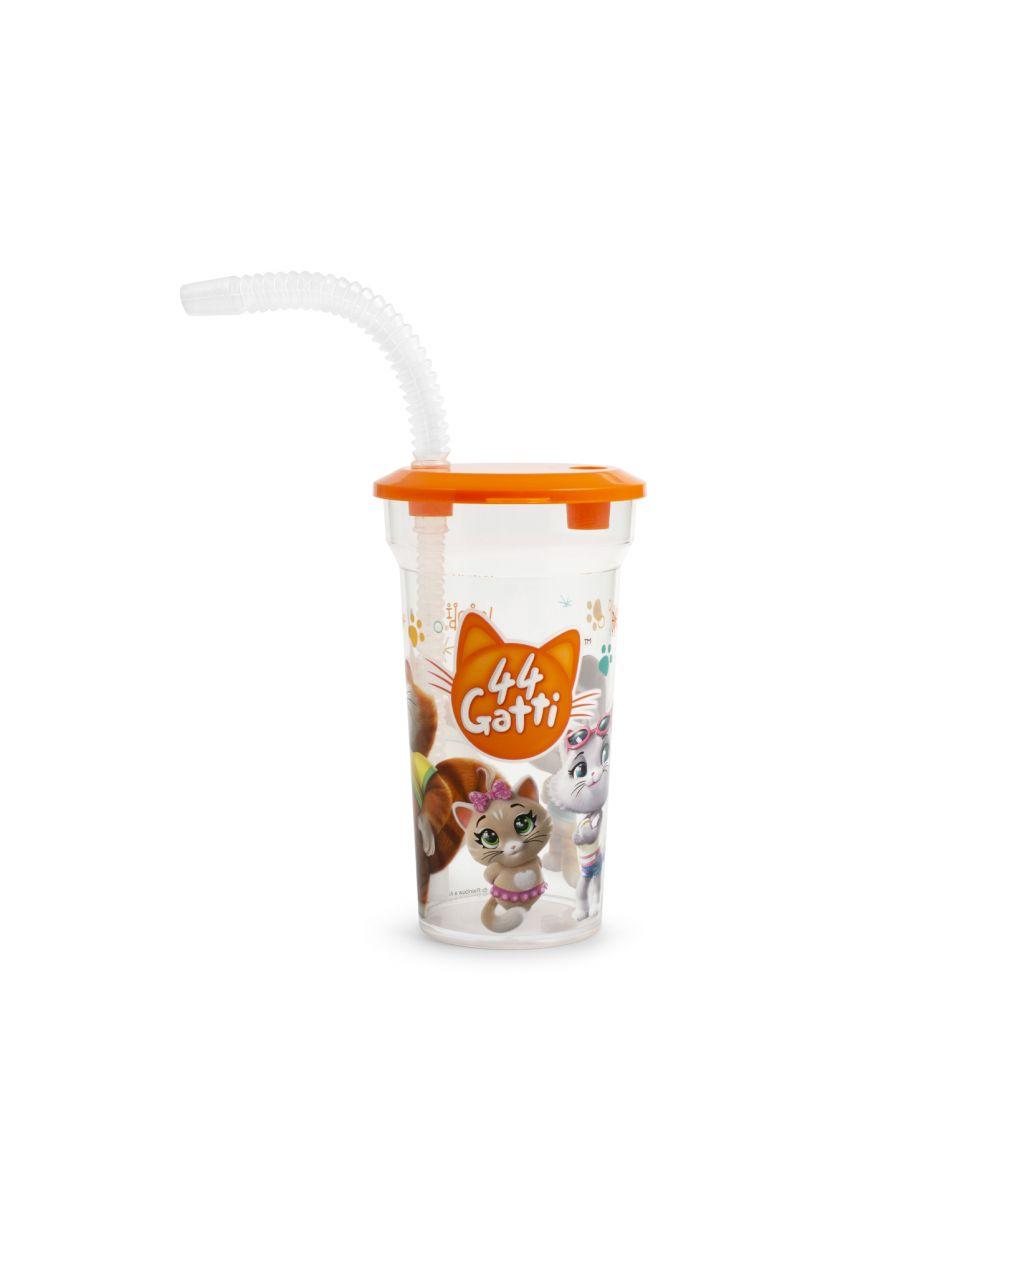 Bicchiere 44 gatti con cannuccia - 44 Gatti